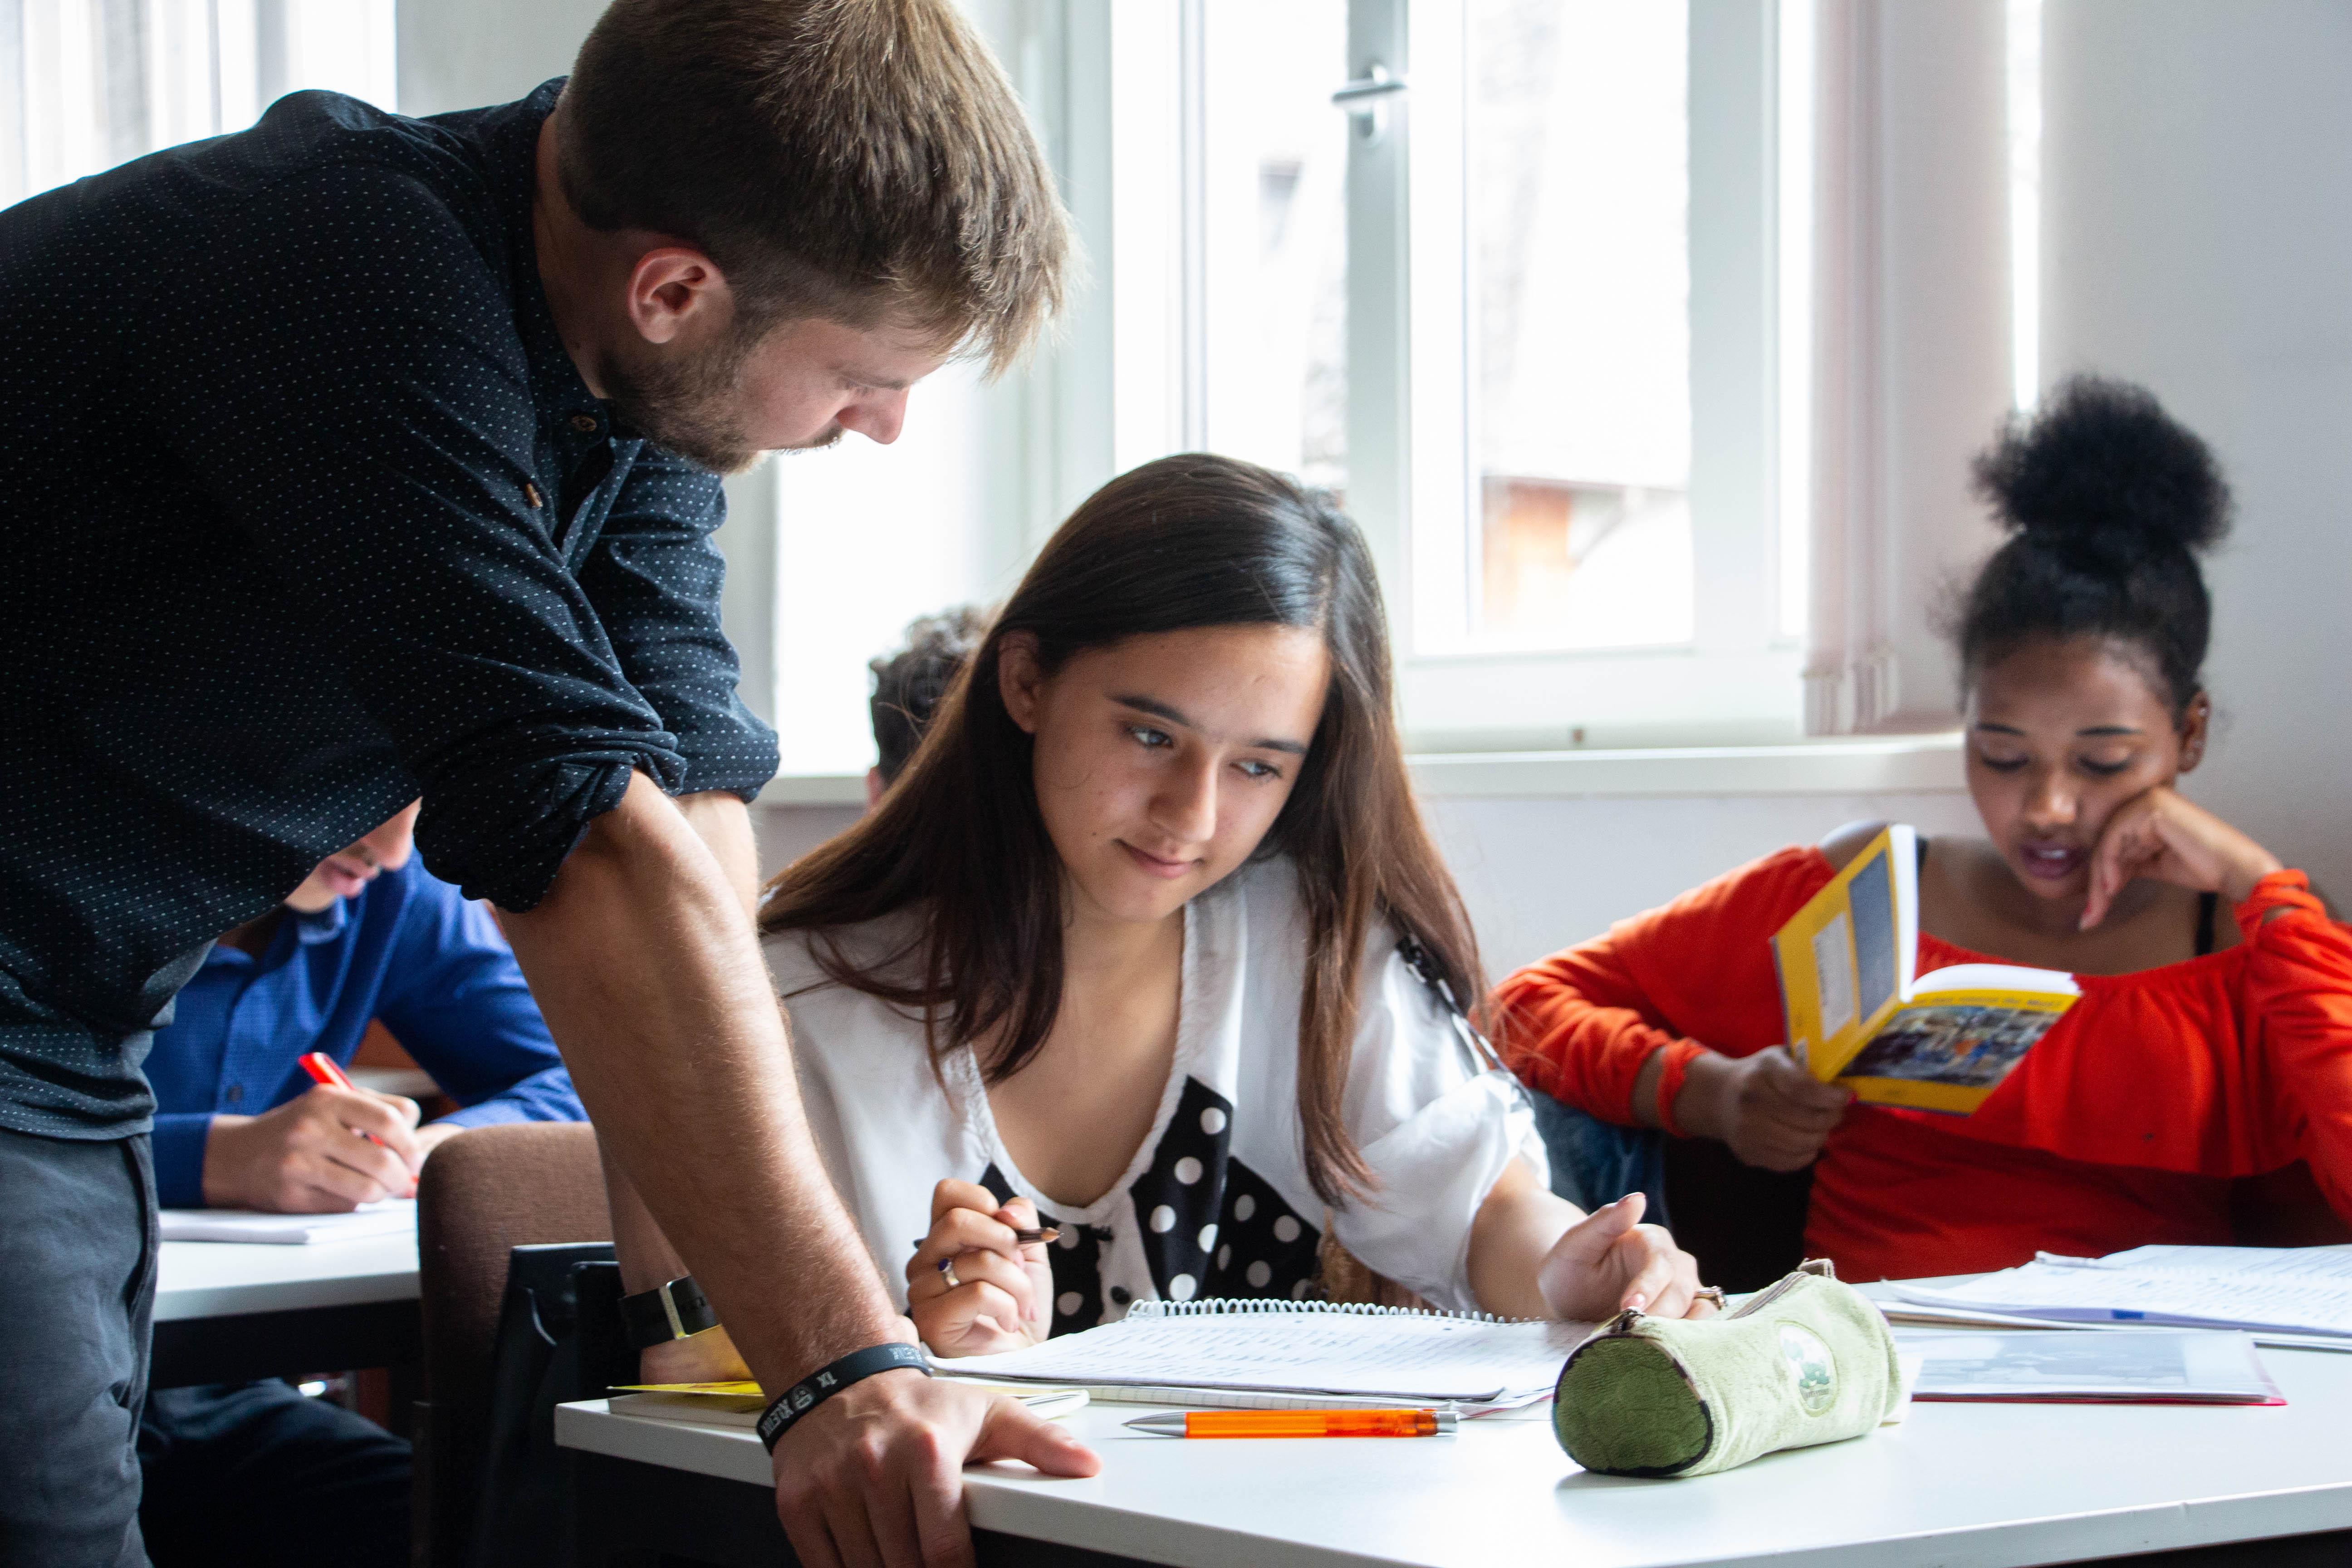 Zwei Schülerinnen sitzen an einem Tisch im Klassenraum. Eine Schülerin liest in einem Buch. Der Lehrer stützt sich auf dem Tisch ab. Schülerin und Lehrer schauen beide auf ein Papier.